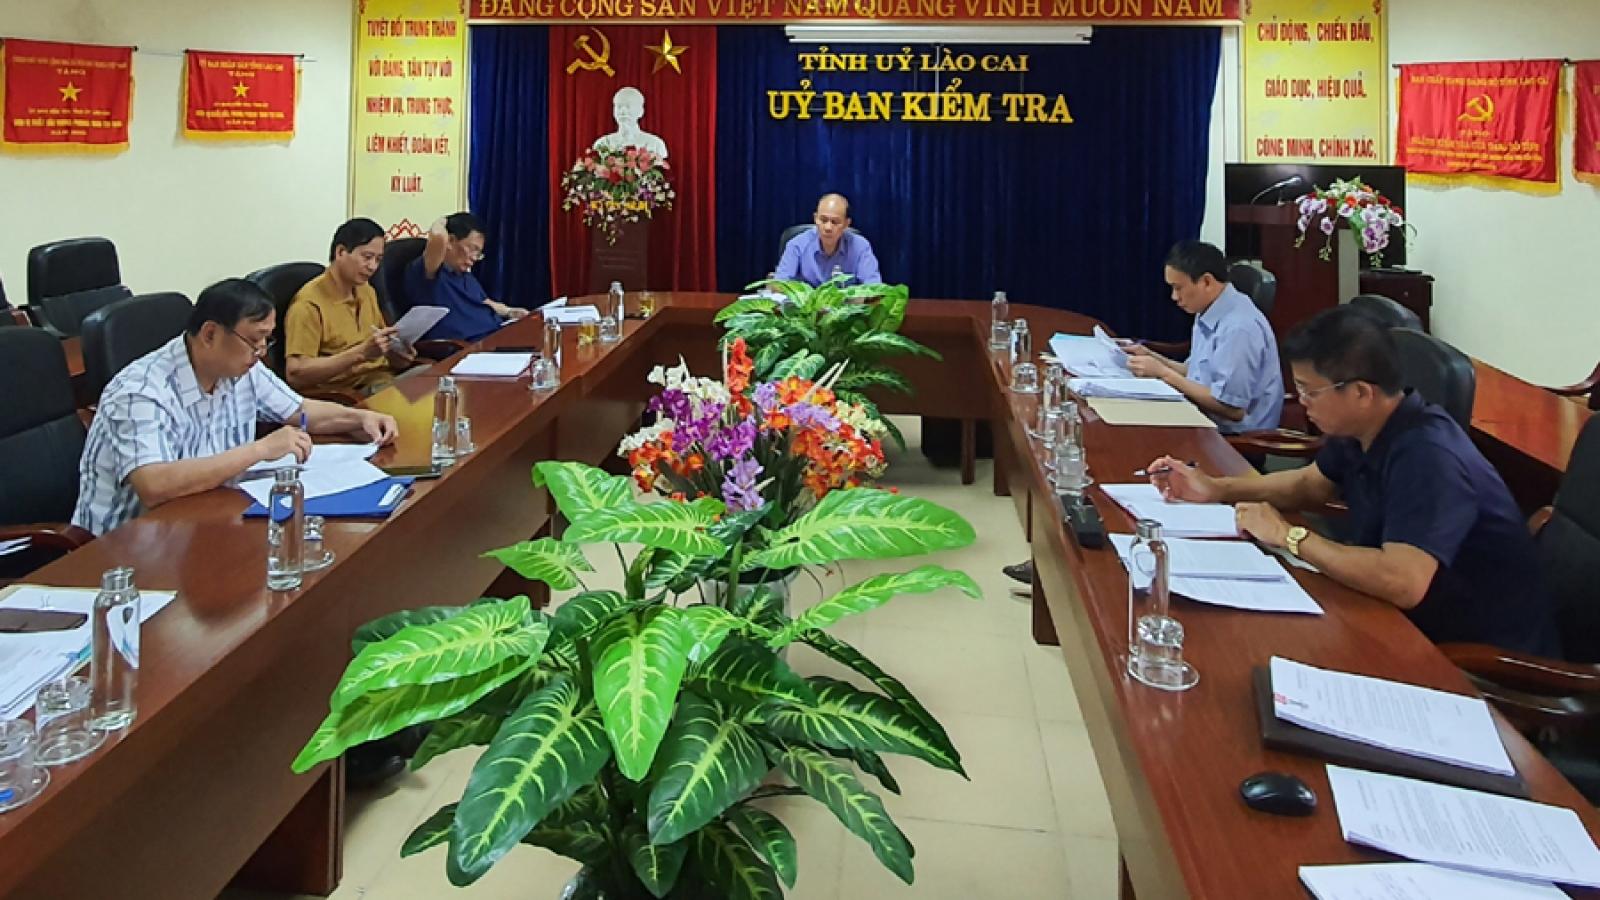 Một Bí thư xã ở Lào Cai bị đề nghị cách mọi chức vụ